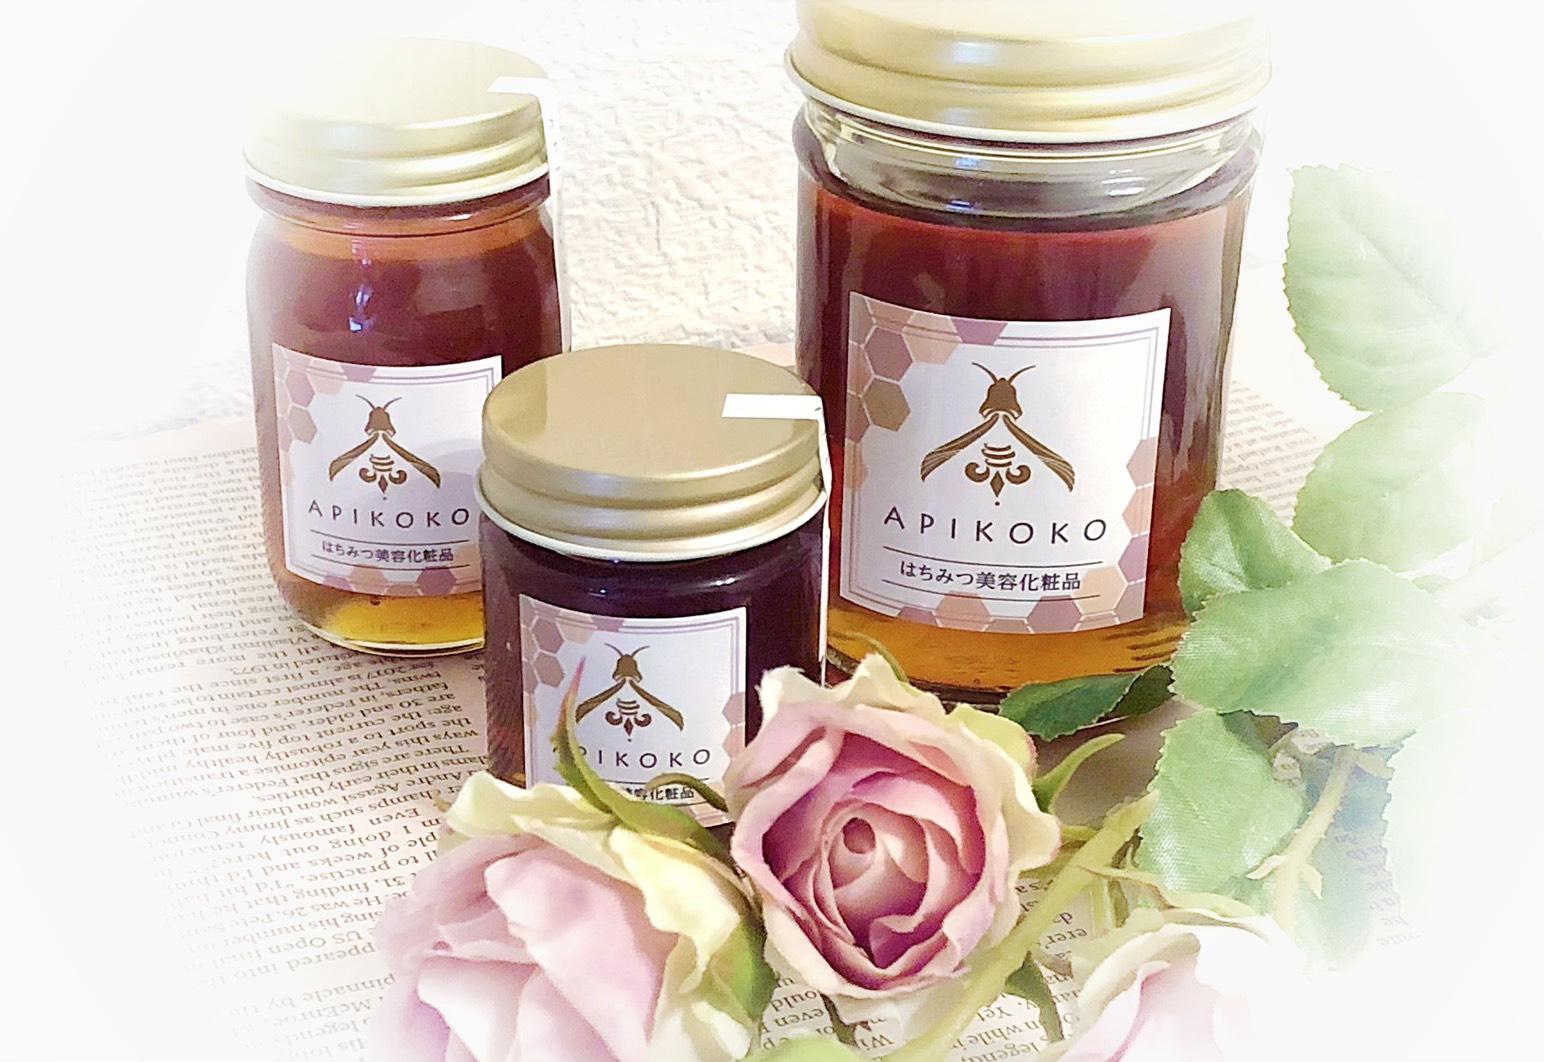 APIKOKO(アピココ)はちみつ美容液 「アピココBEEビューティーセラム」オンラインストア